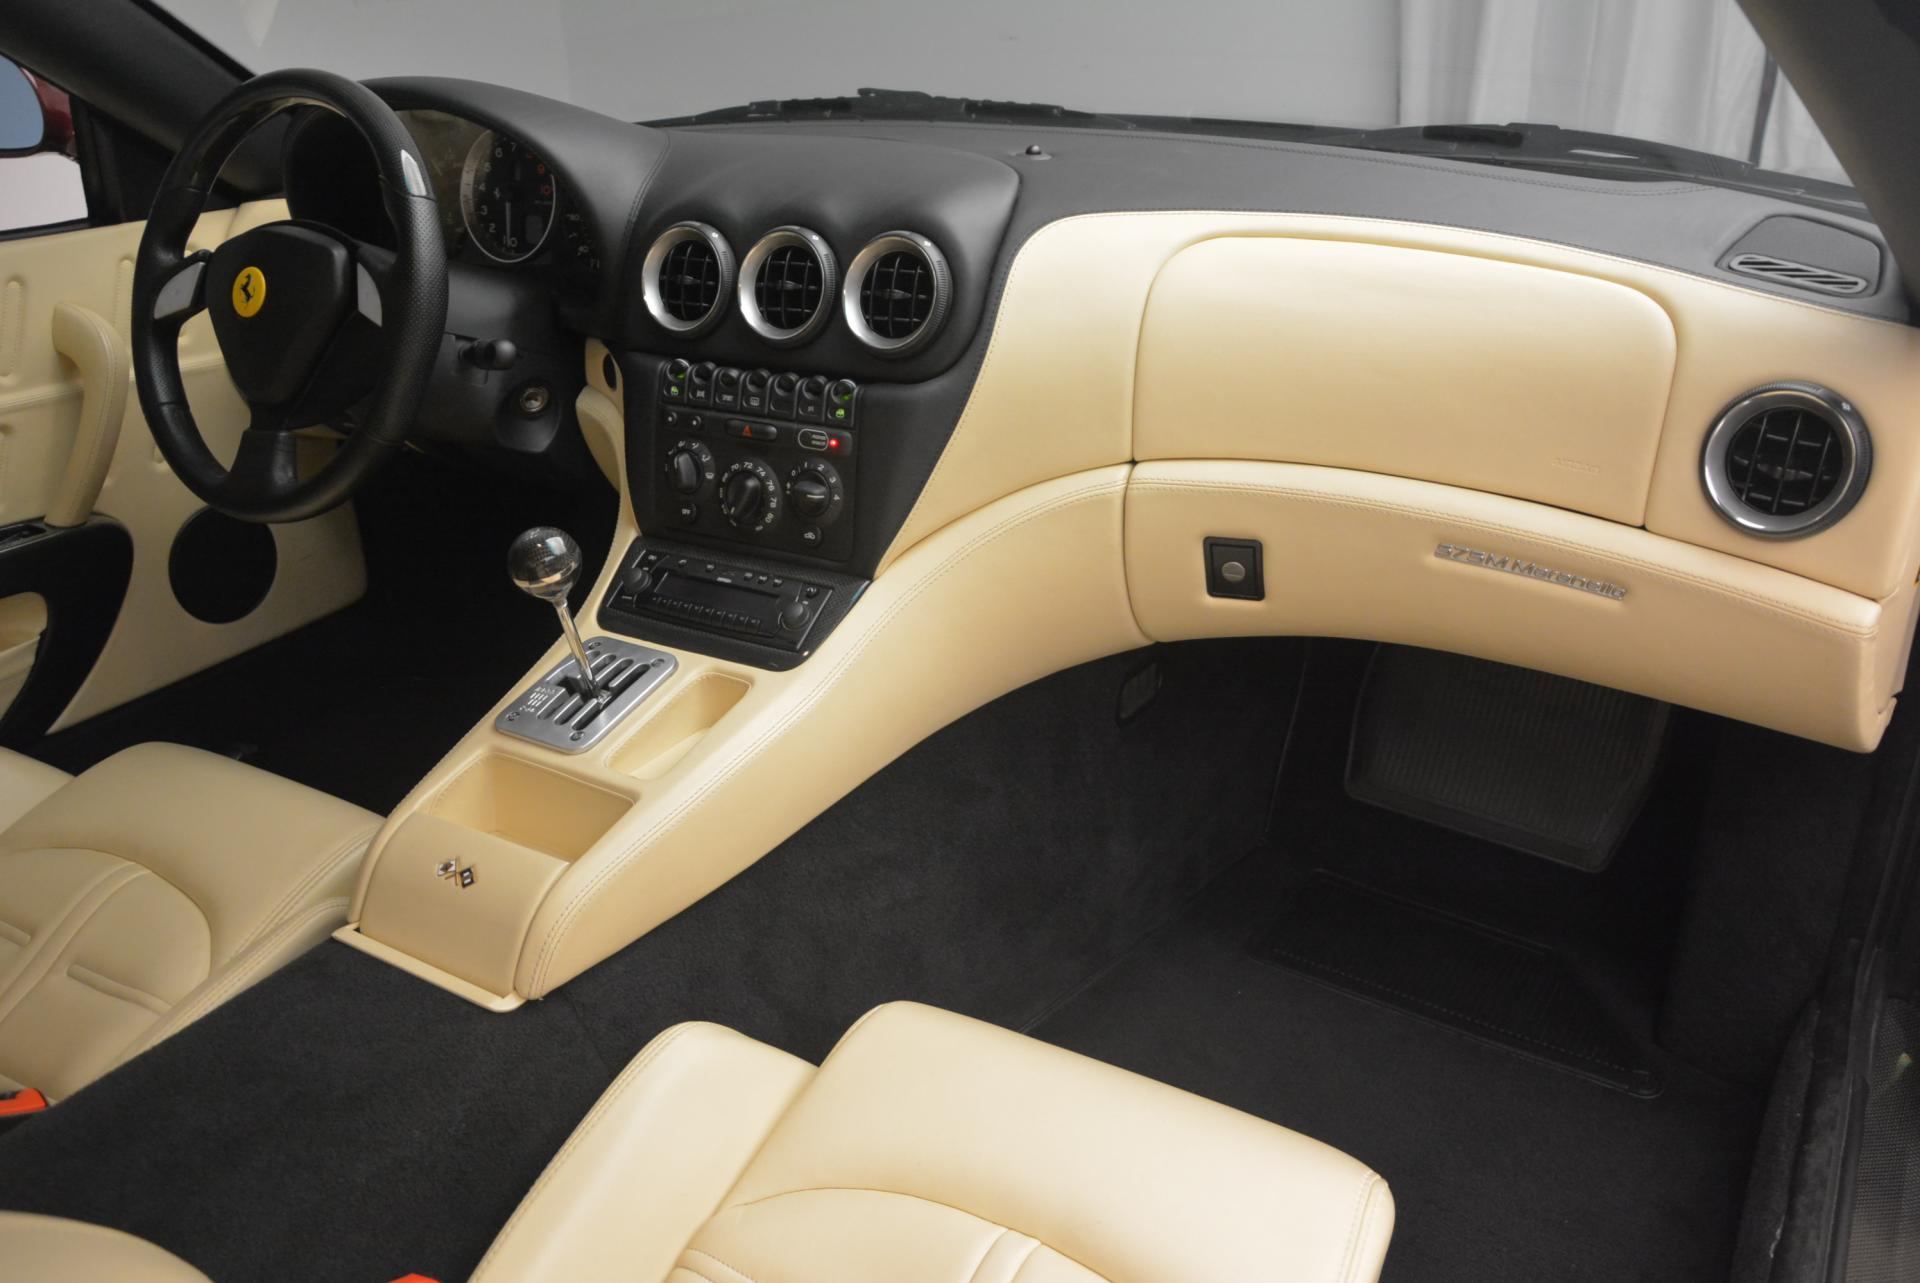 Used 2003 Ferrari 575M Maranello 6-Speed Manual For Sale In Westport, CT 143_p17